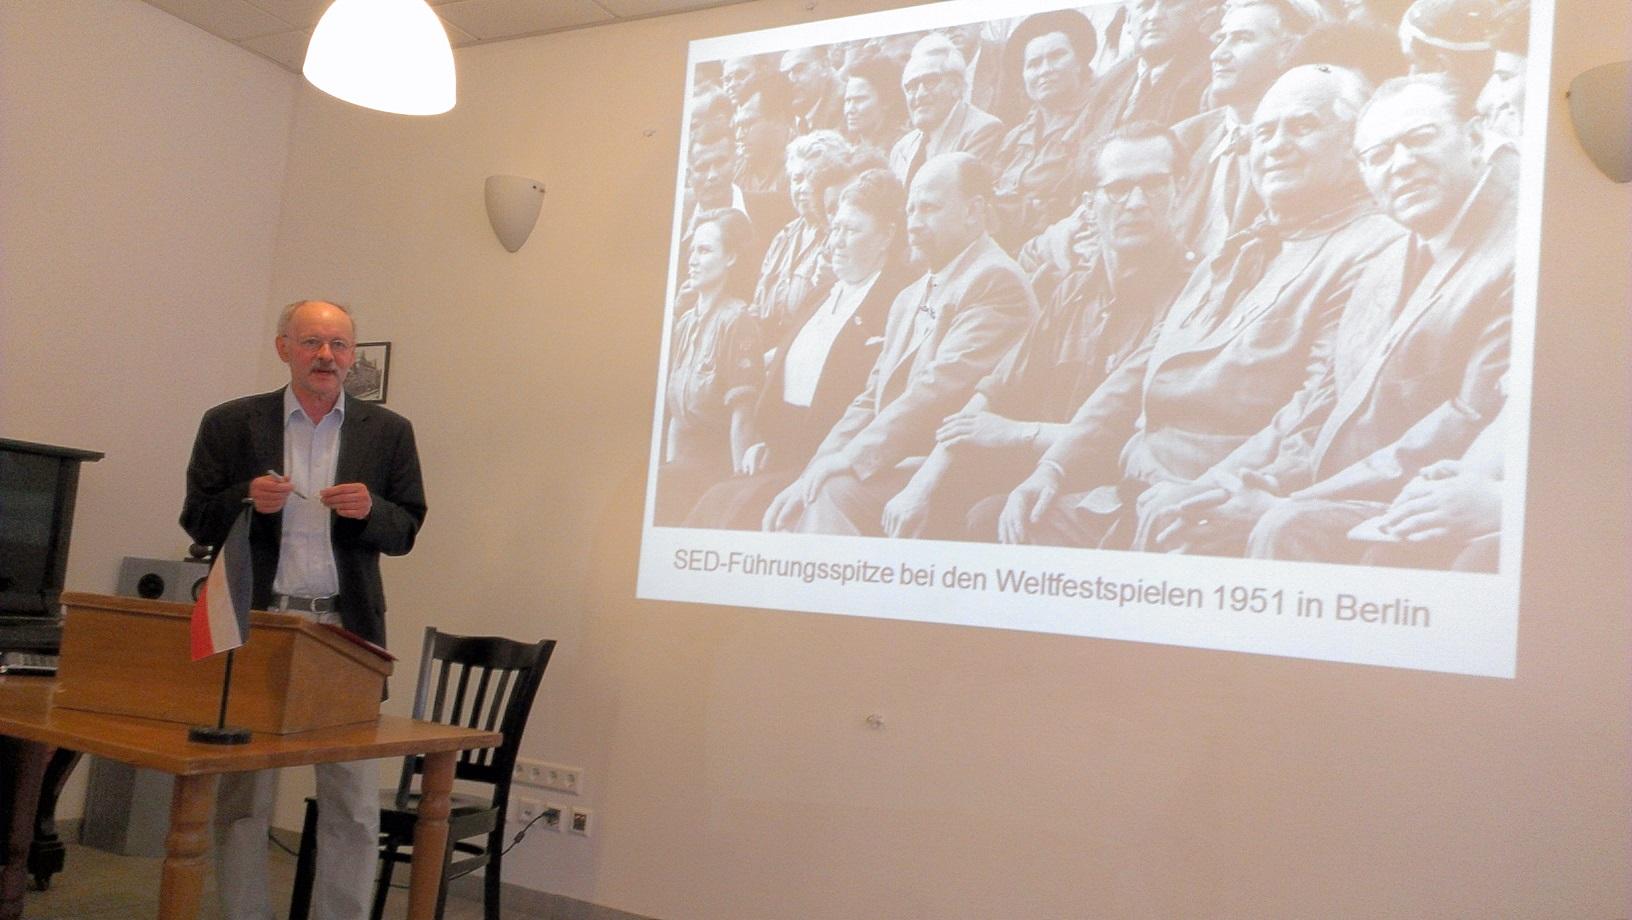 Erinnerung an den 60. Jahrestag zum Arbeiteraufstand in Ostberlin und in der DDR – Ein Vortrag von Bbr. Schumacher